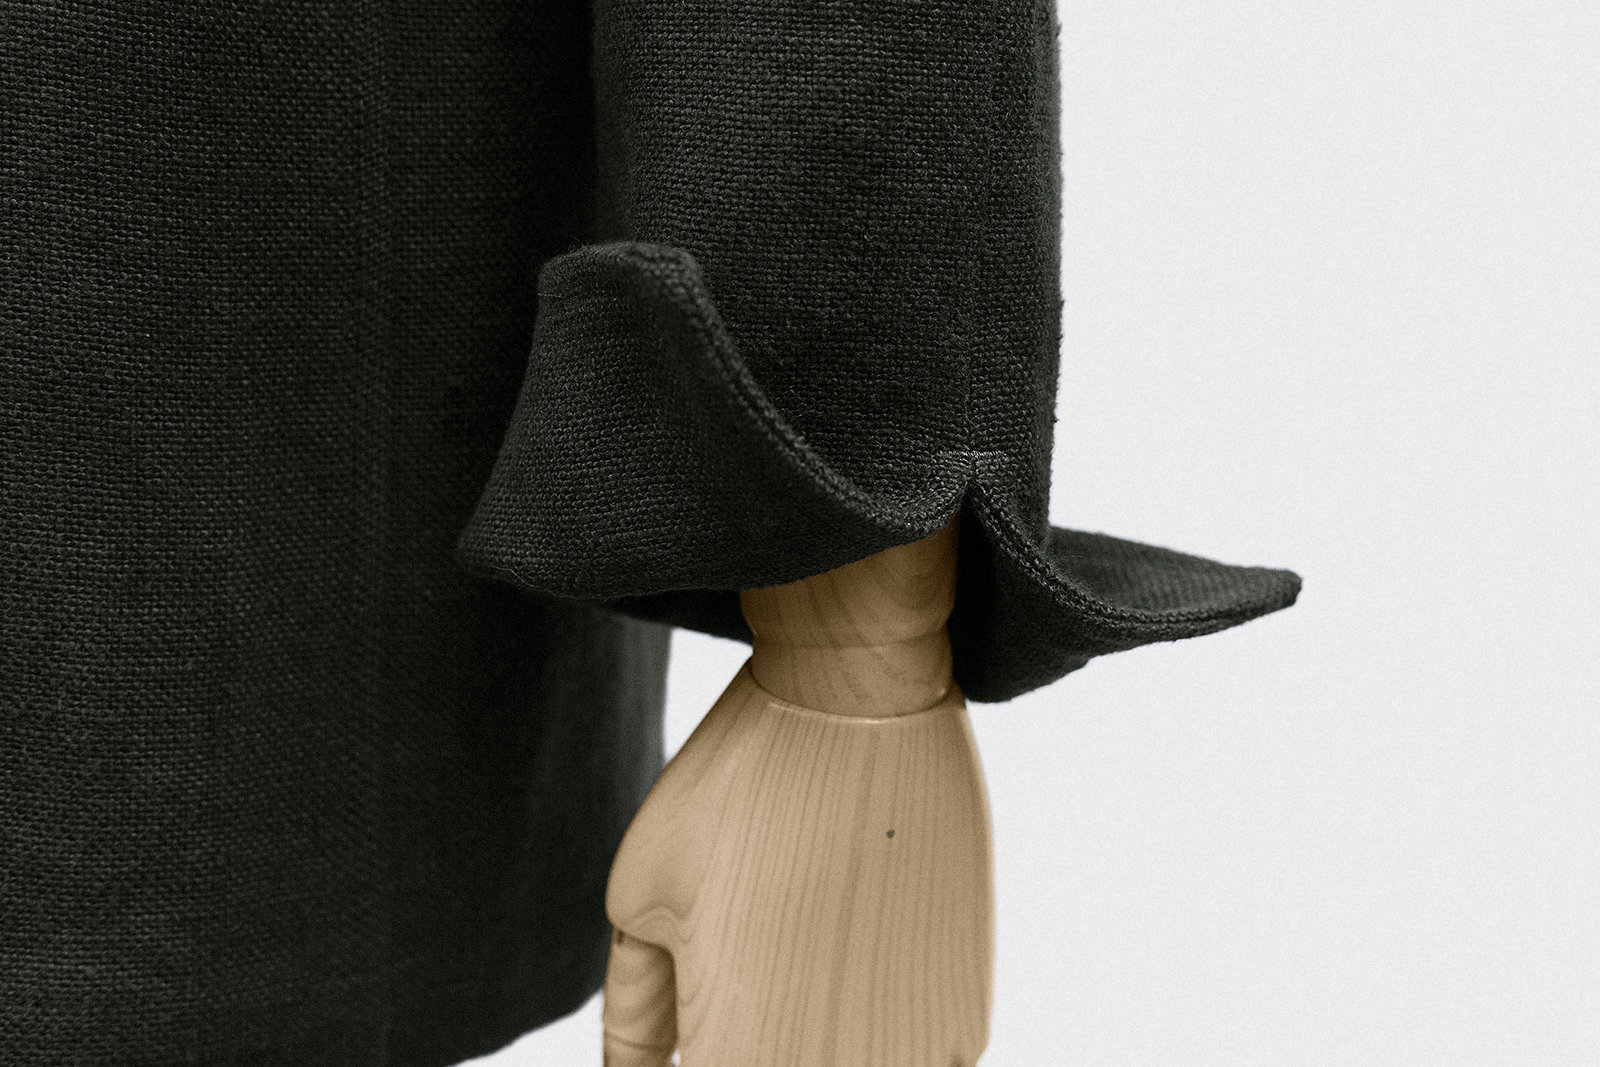 pyjama-top-linen-burlap-dark-olive-7@2x.jpg